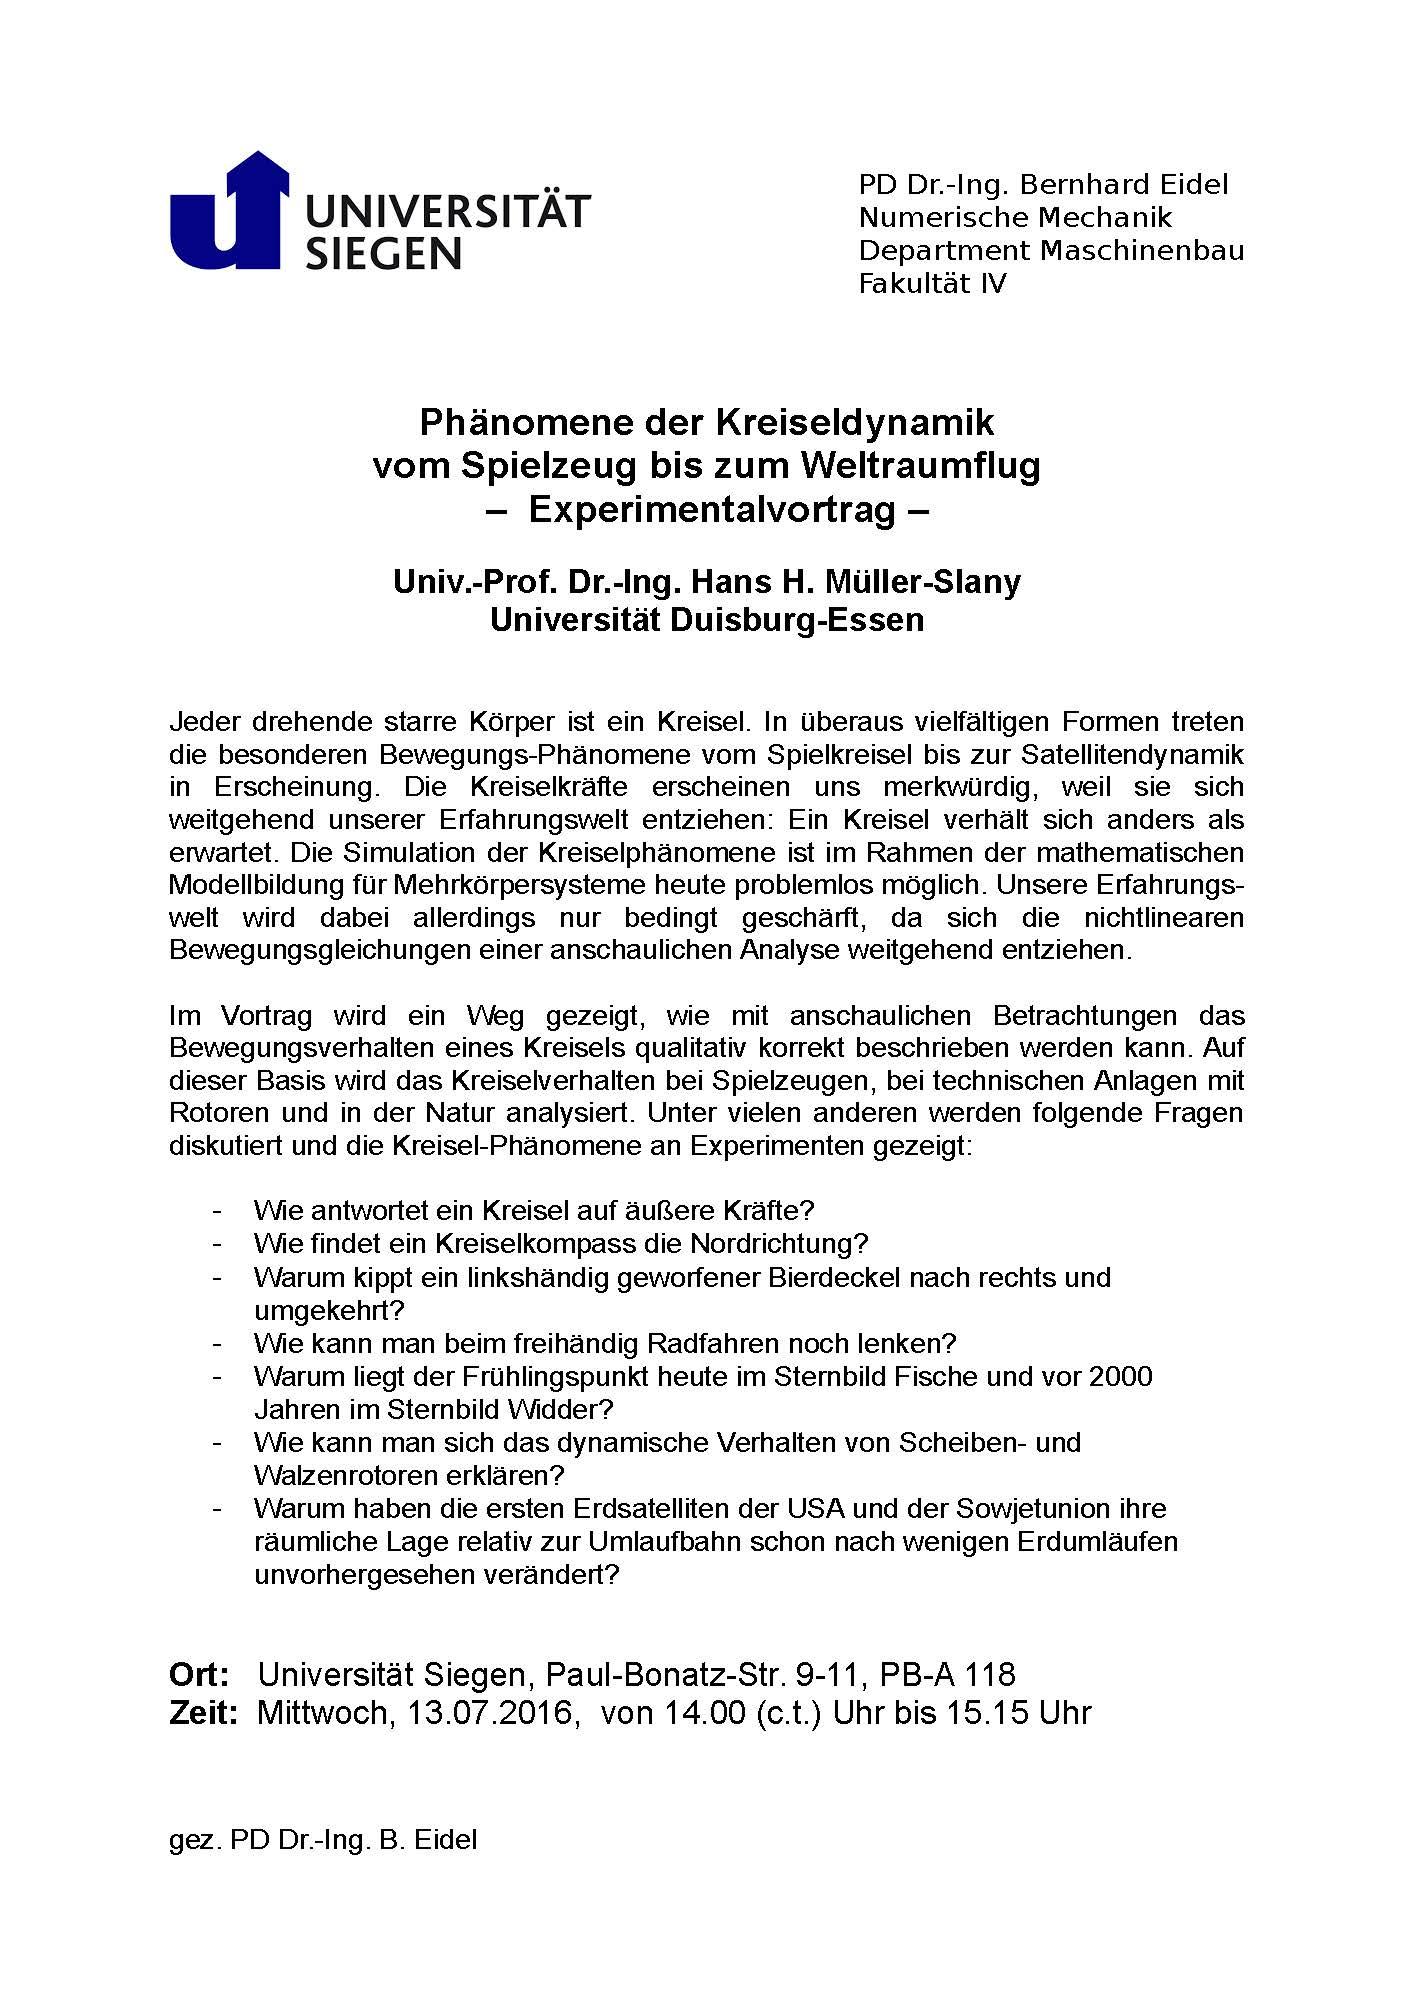 aushang_mueller-slany_kreiseldynamik